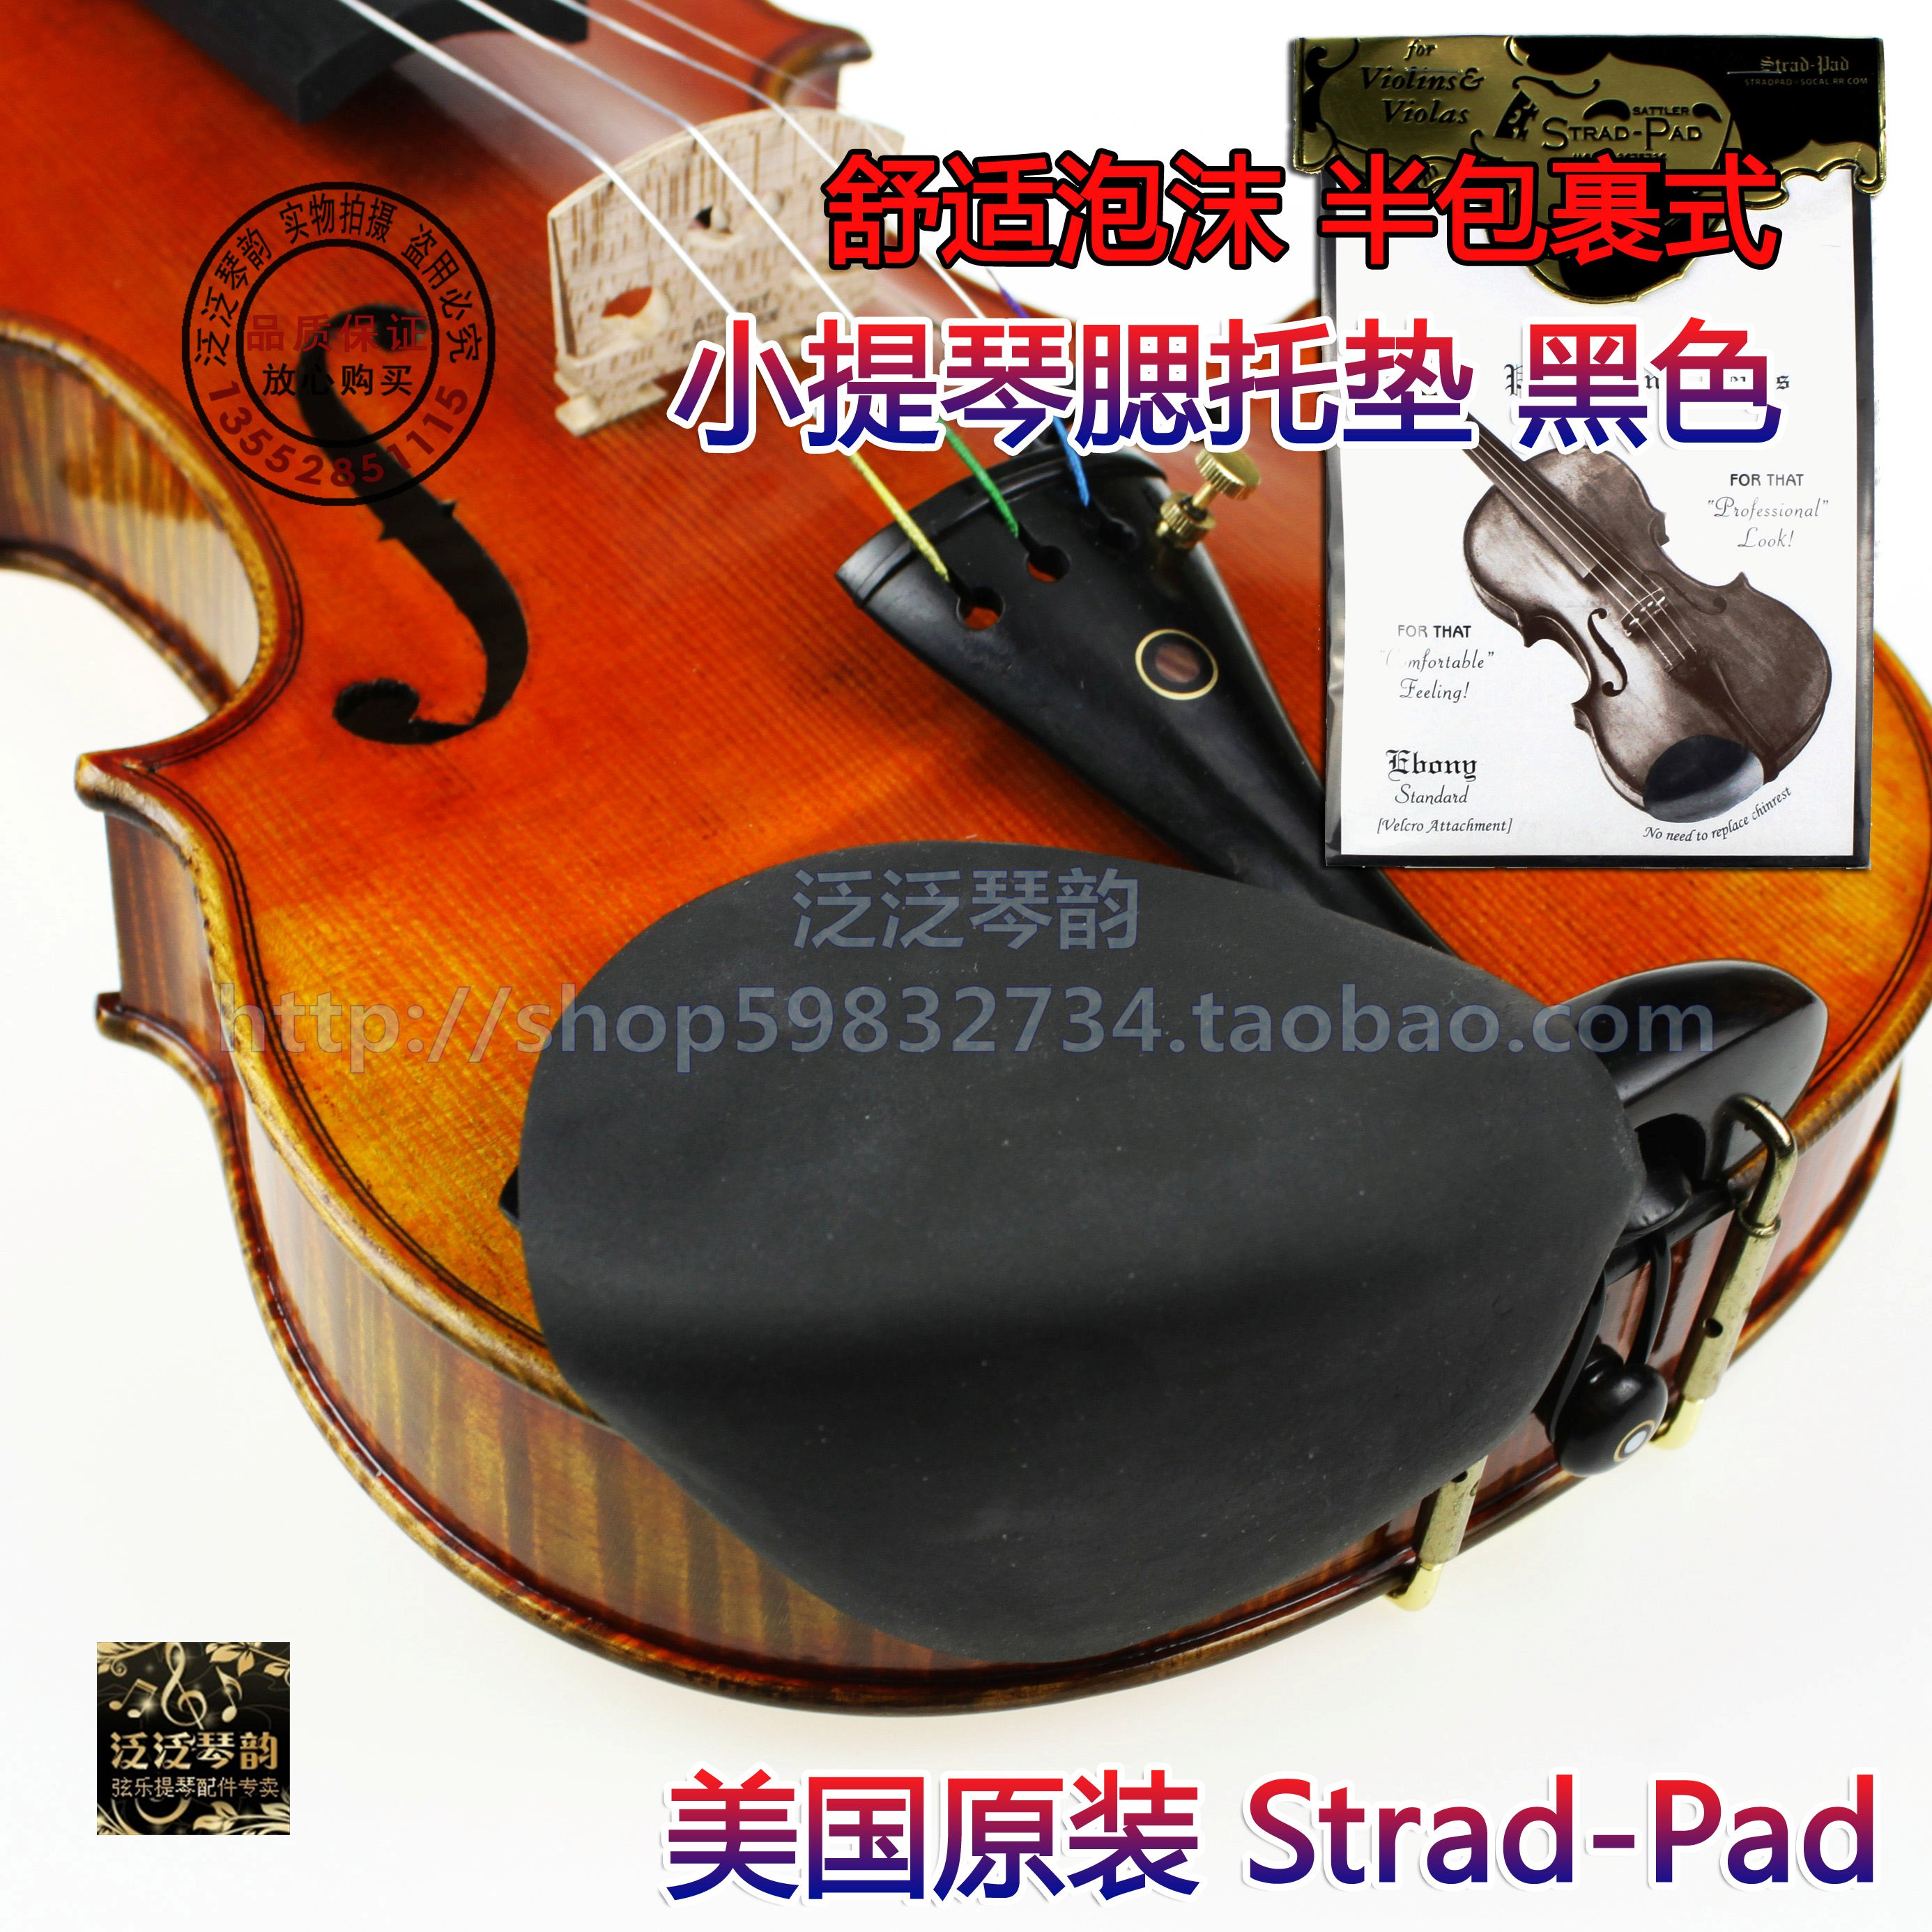 【 три императорская корона 】 сша STRAD-PAD Ebong специальность в / скрипка щека уход подушка черный пакет стиль